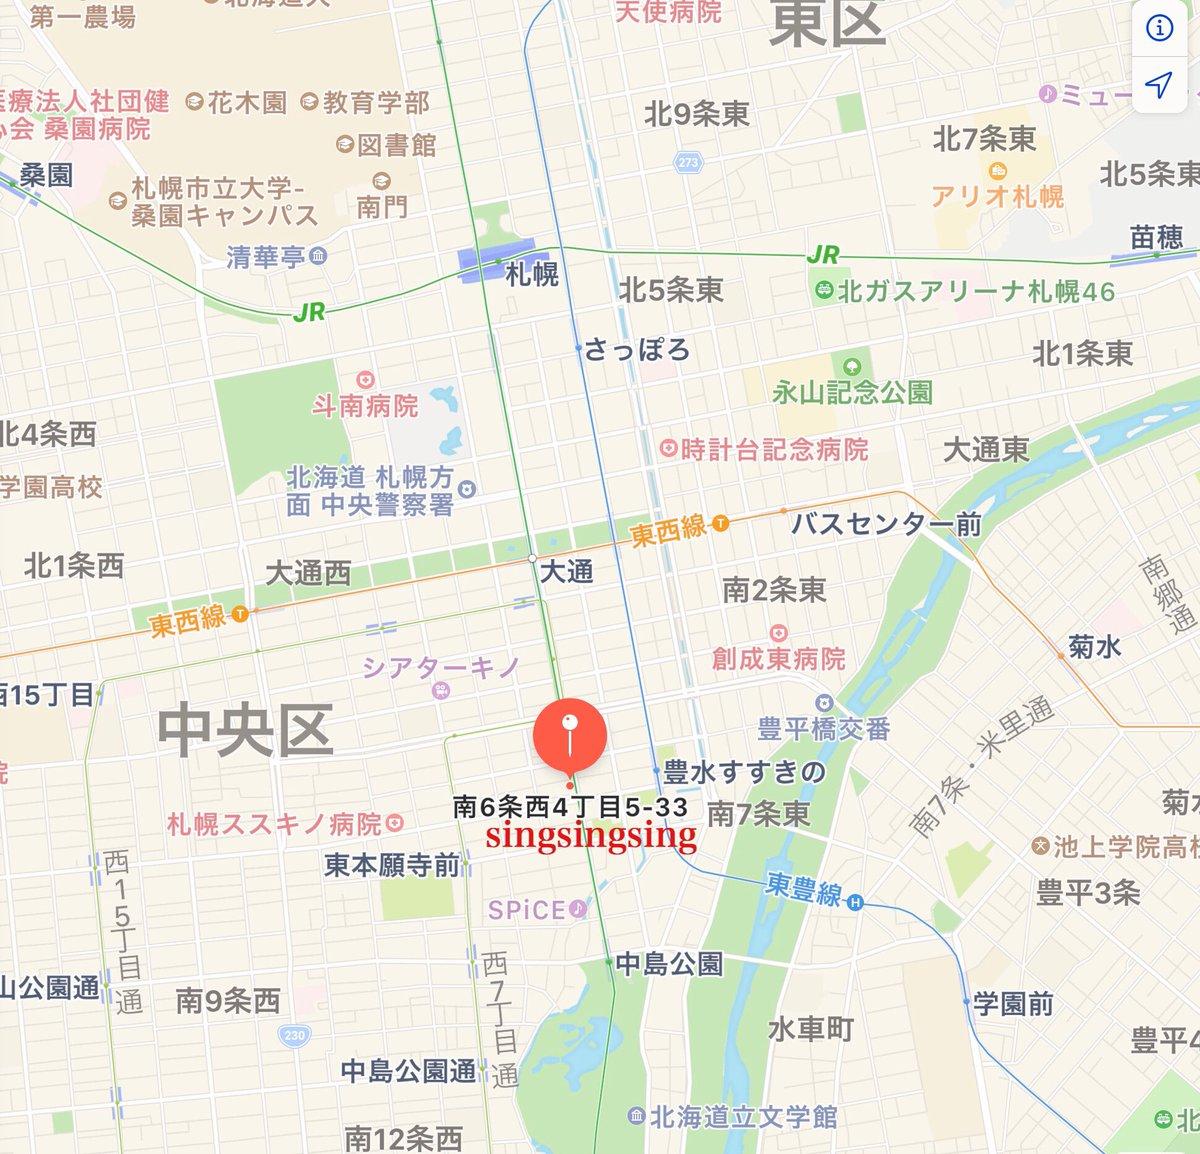 シング ライブ シング シング バー 【札幌コロナ】すすきののライブバー「シング・シング・シング」で5人感染